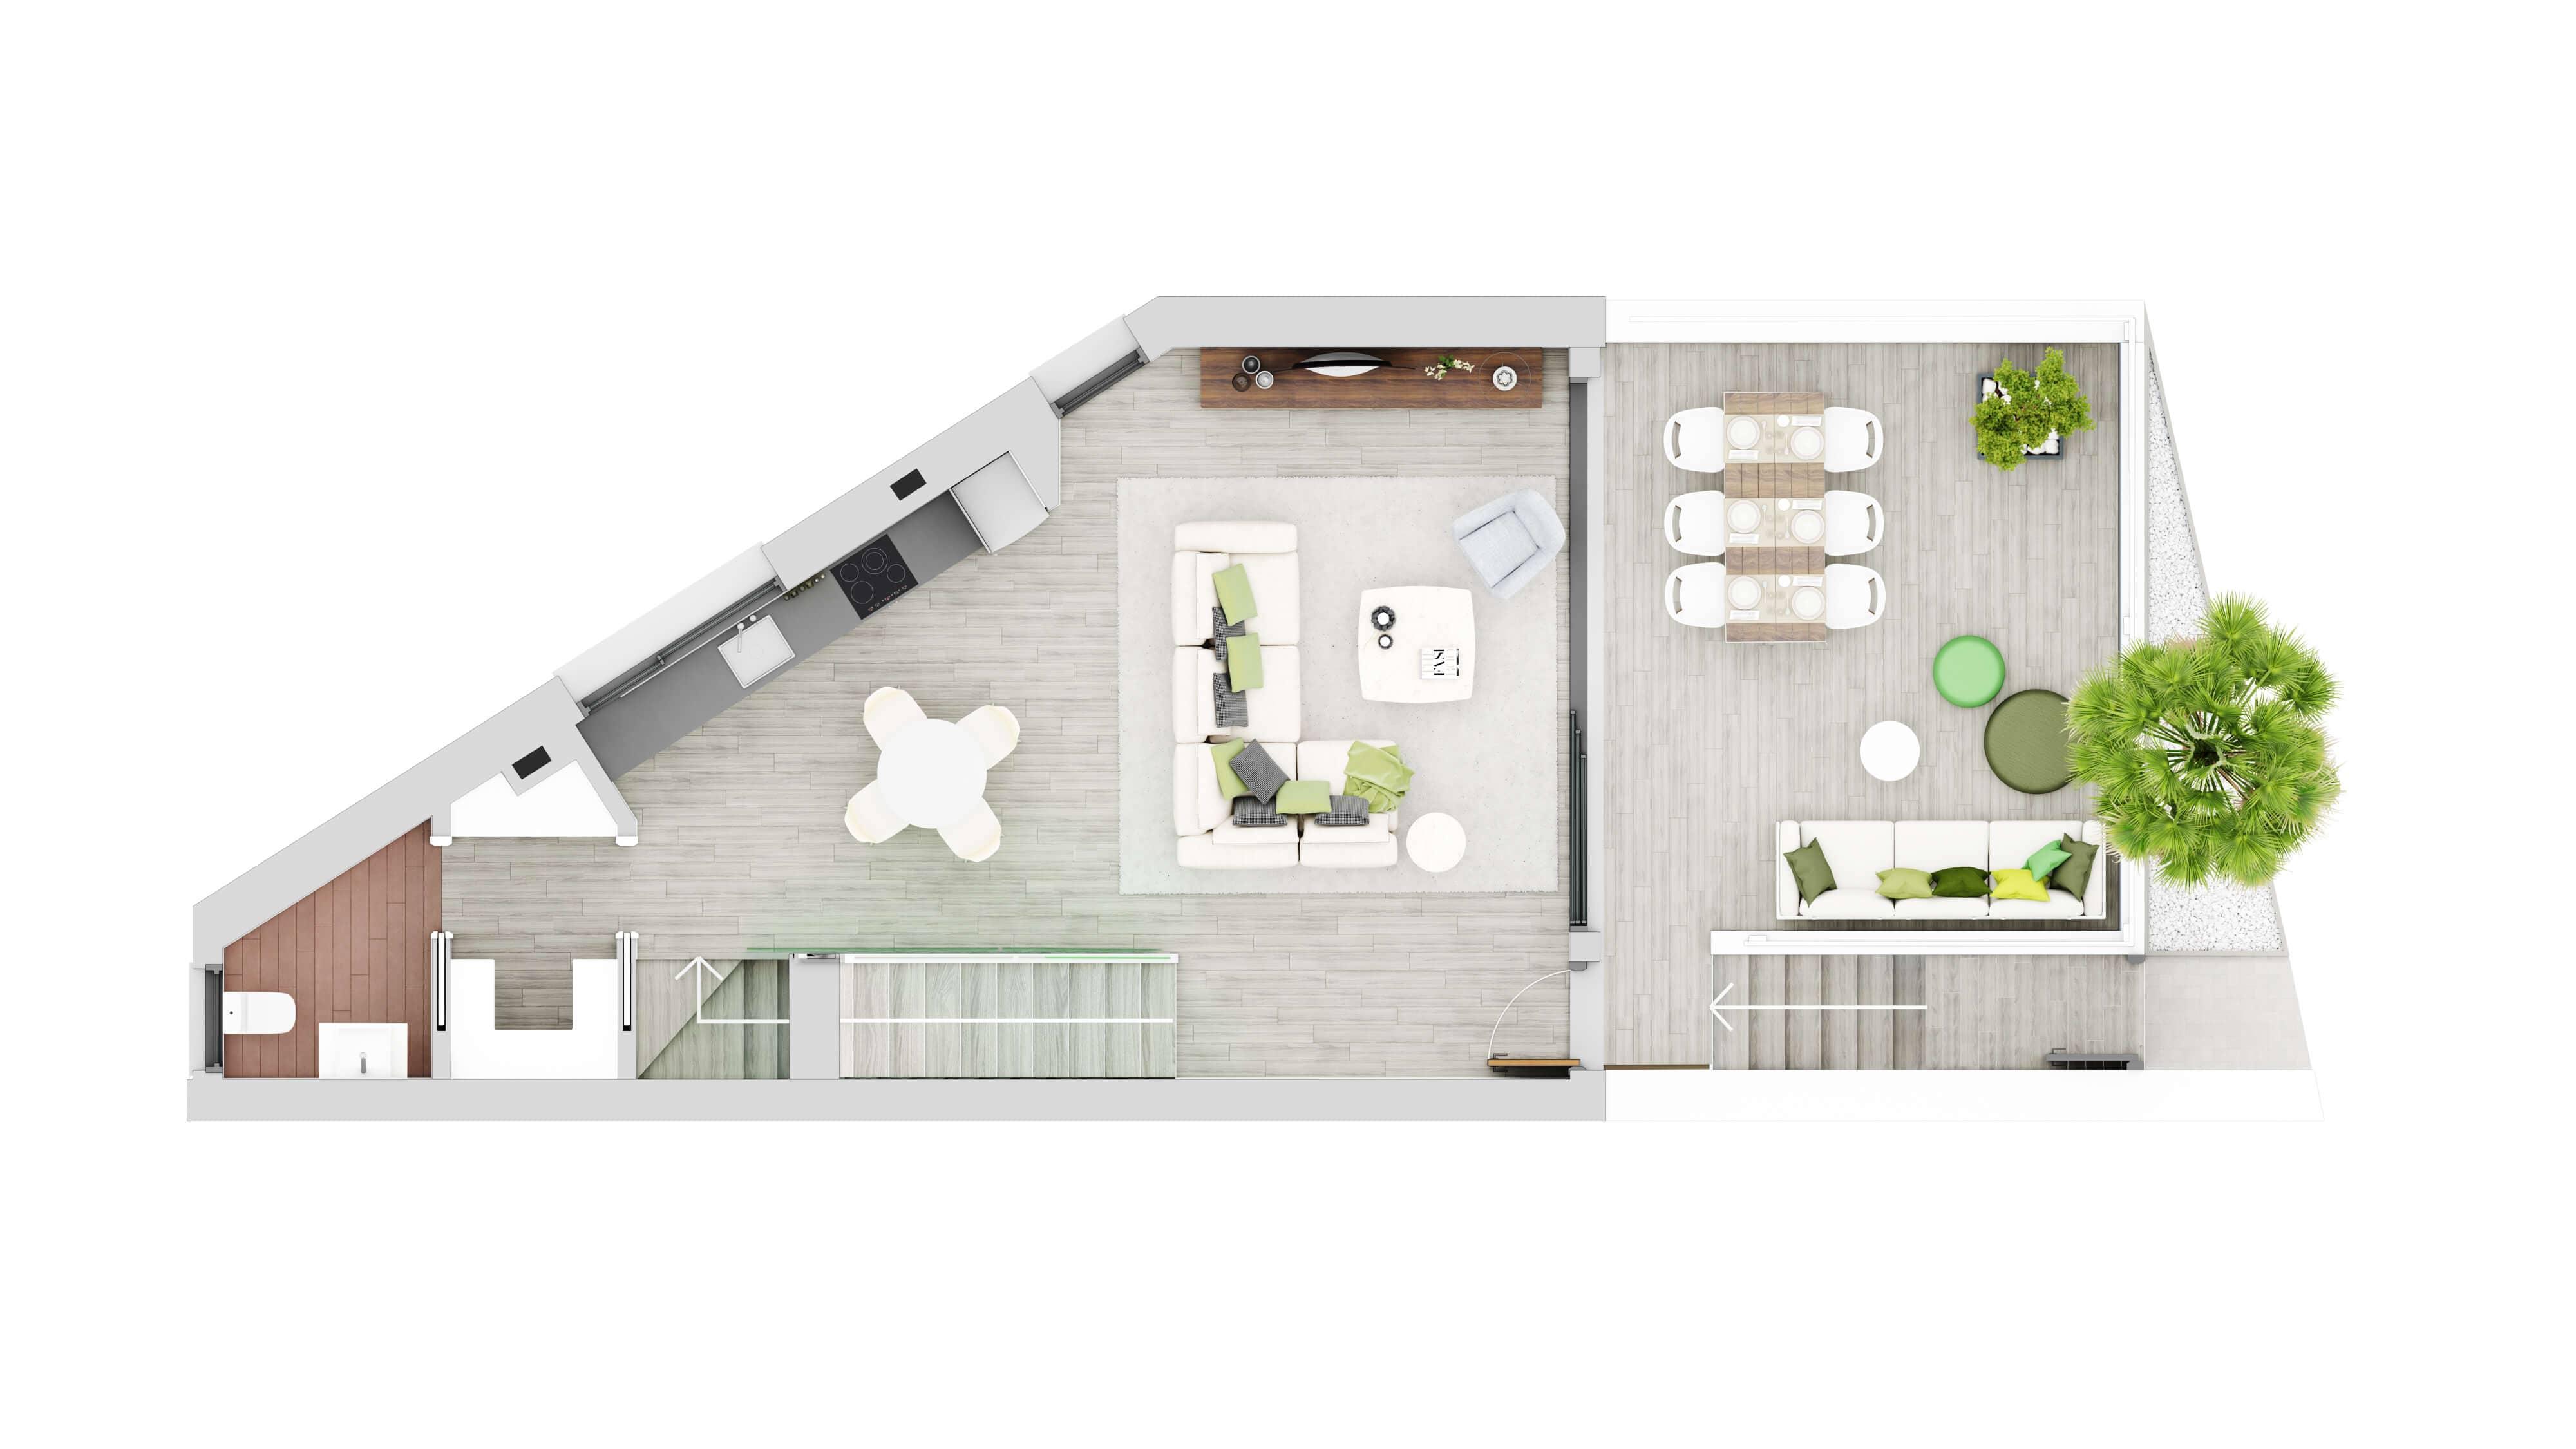 le mirage estepona cancelada huis te koop slaapkamers 2 gelijkvloers